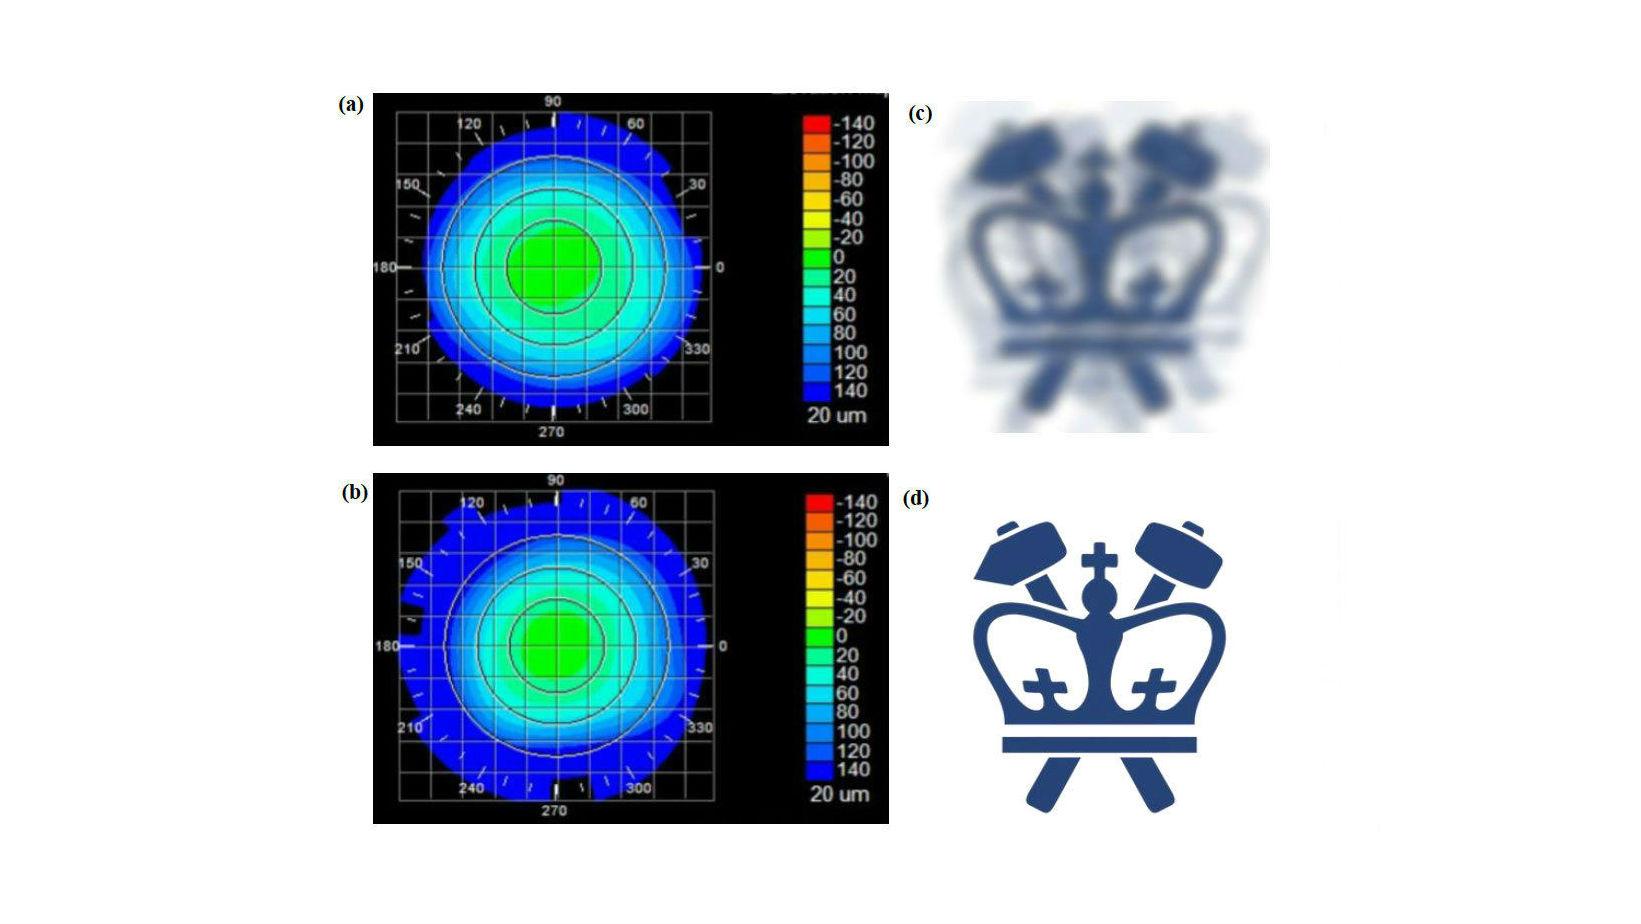 Топография роговицы до и после лечения, а также виртуальное зрение, которое имитирует эффекты индуцированного изменения преломляющей силы.